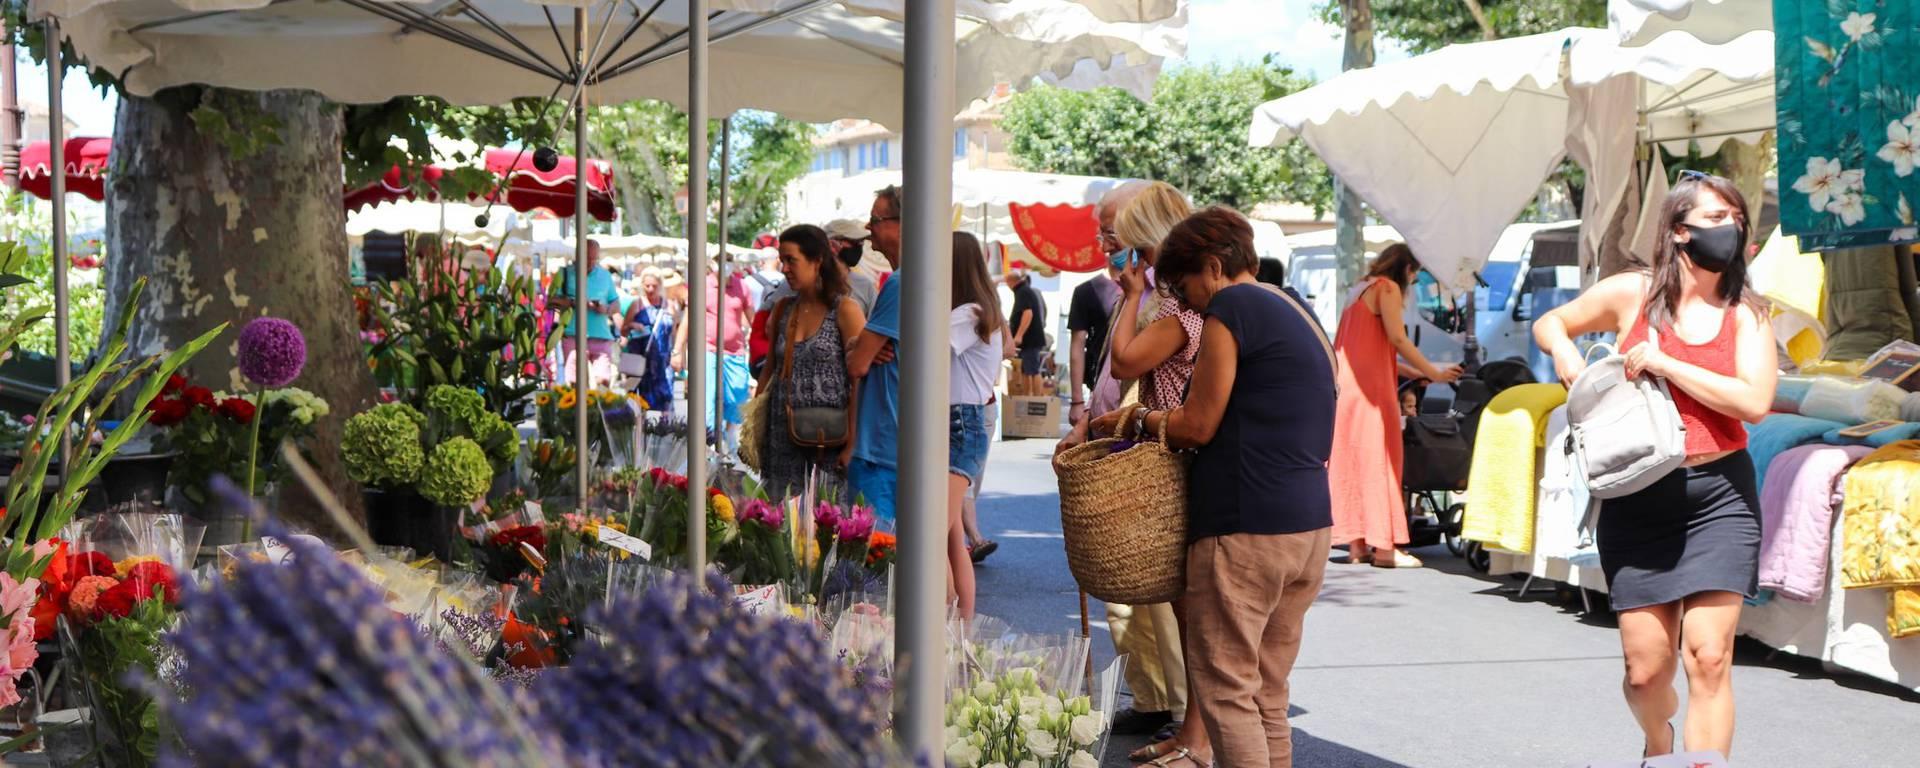 Marché d'Apt | Luberon - Place de la Bouquerie | Étals | Fleurs